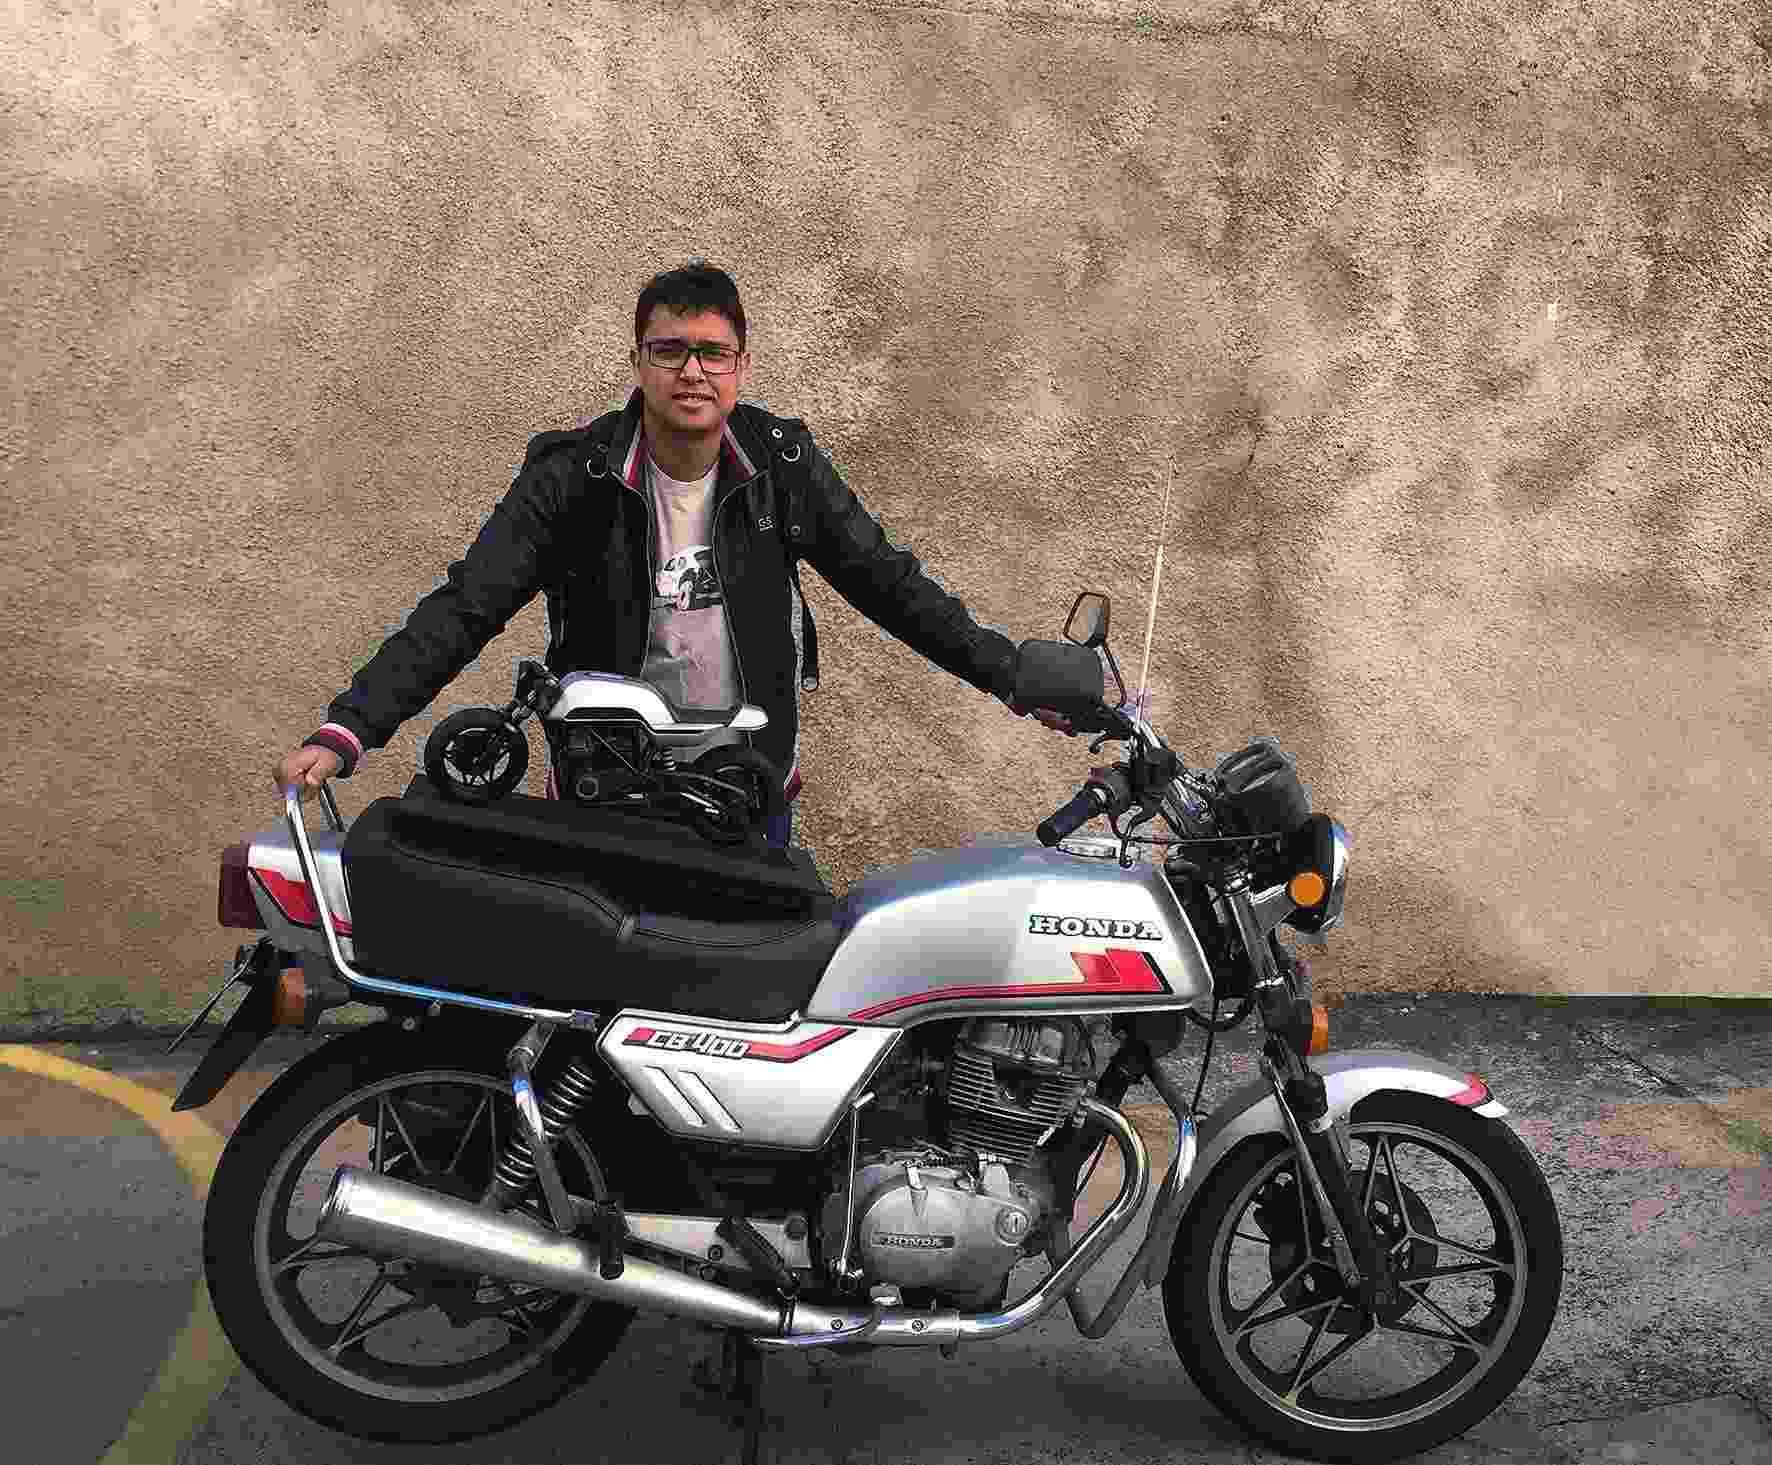 Honda CB 400 reimaginada - Reprodução/Arquivo pessoal